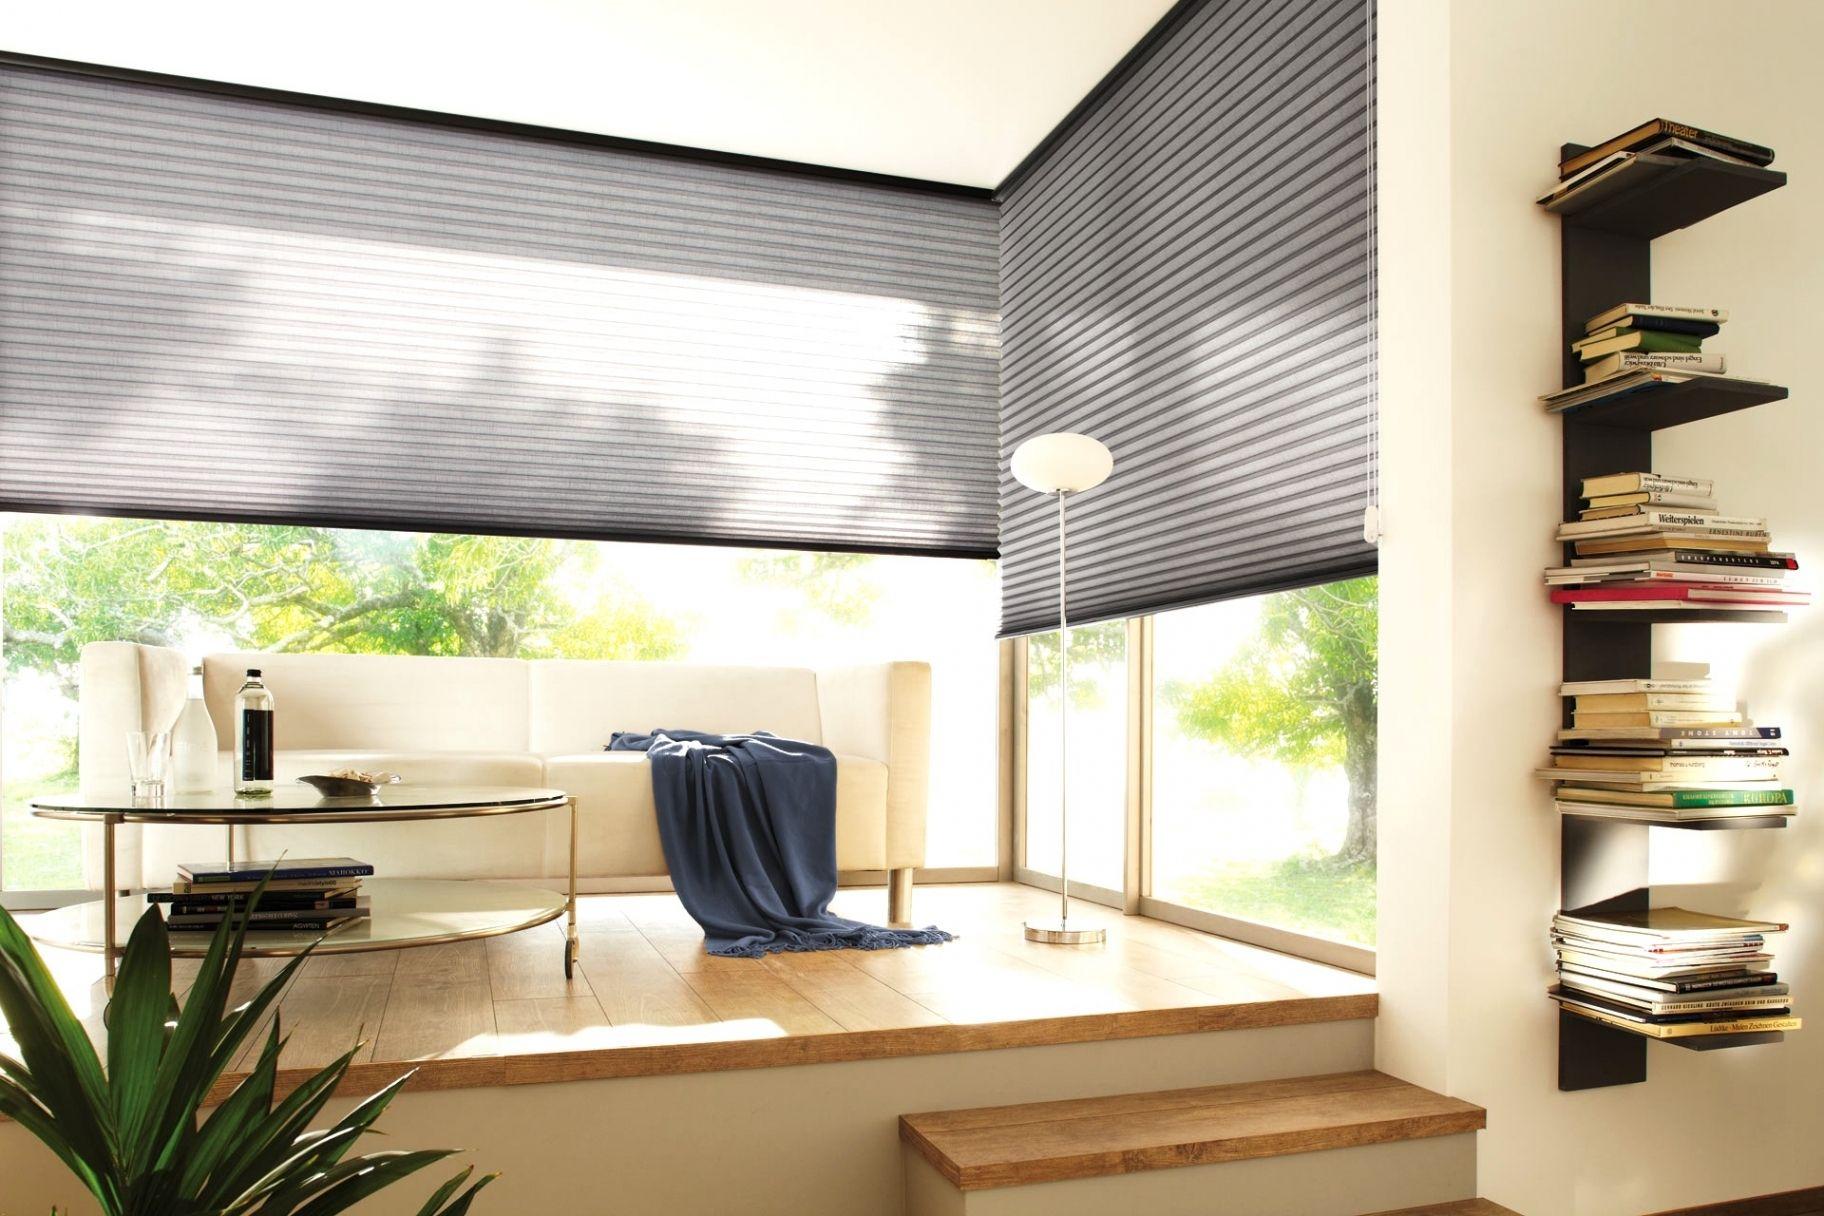 Glasbilder Wohnzimmer ~ Brillant dekorative bilder wohnzimmer wohnzimmer deko